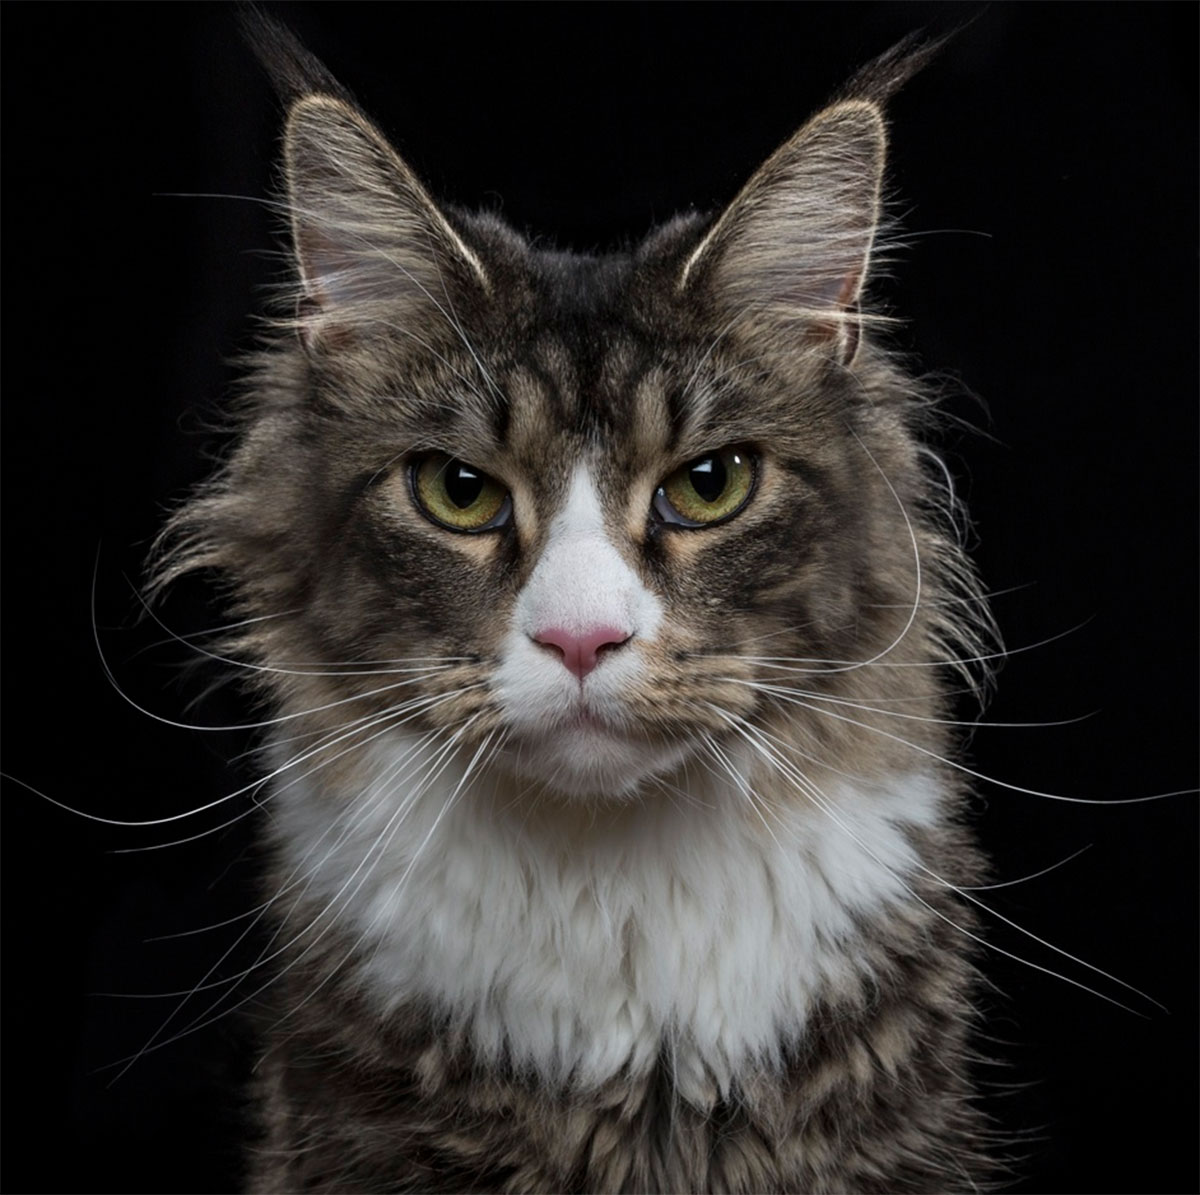 Роберт Бахоу. Чистосердечные портреты животных.